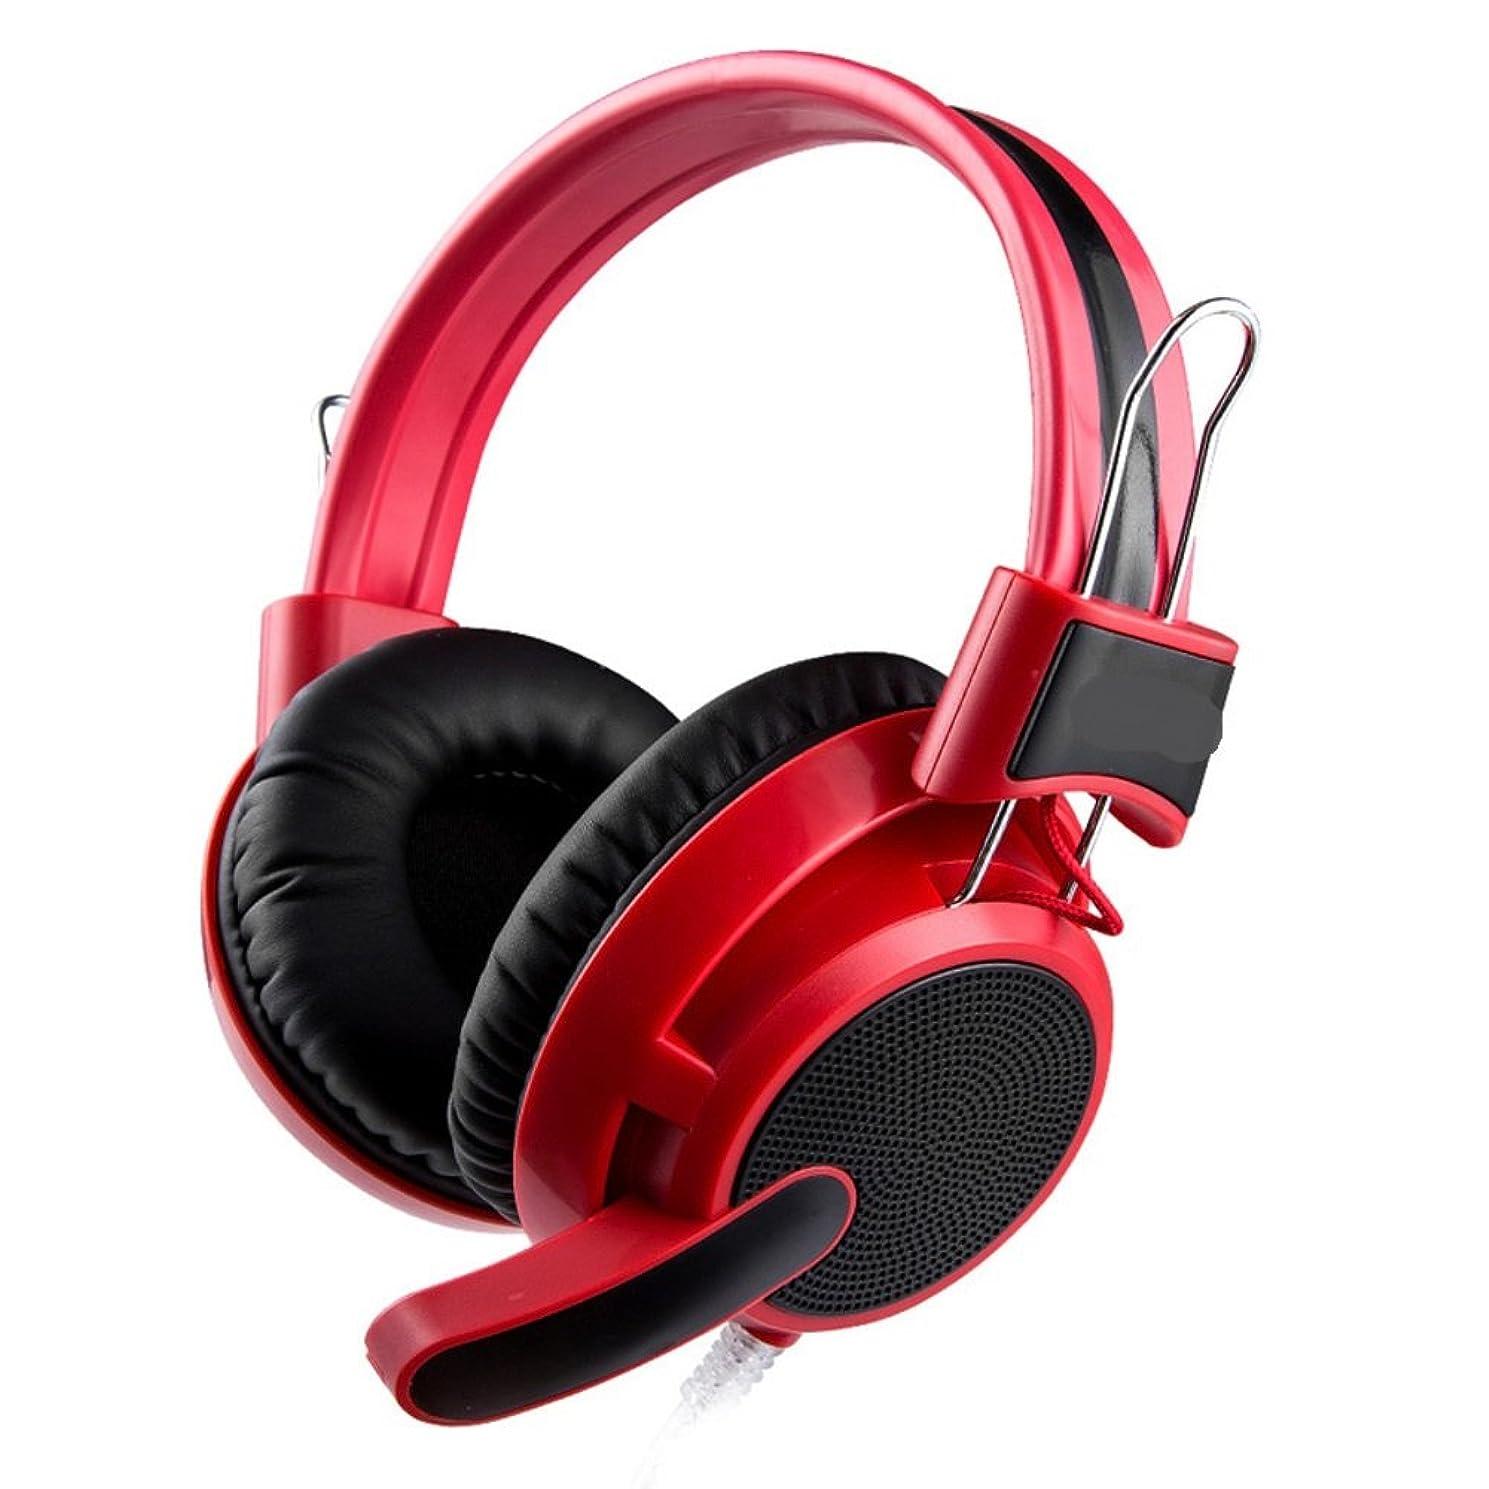 小数保持詩コンピュータヘッドセットヘッドゲーム用ヘッドセット音声マイクを使ってheadset-red